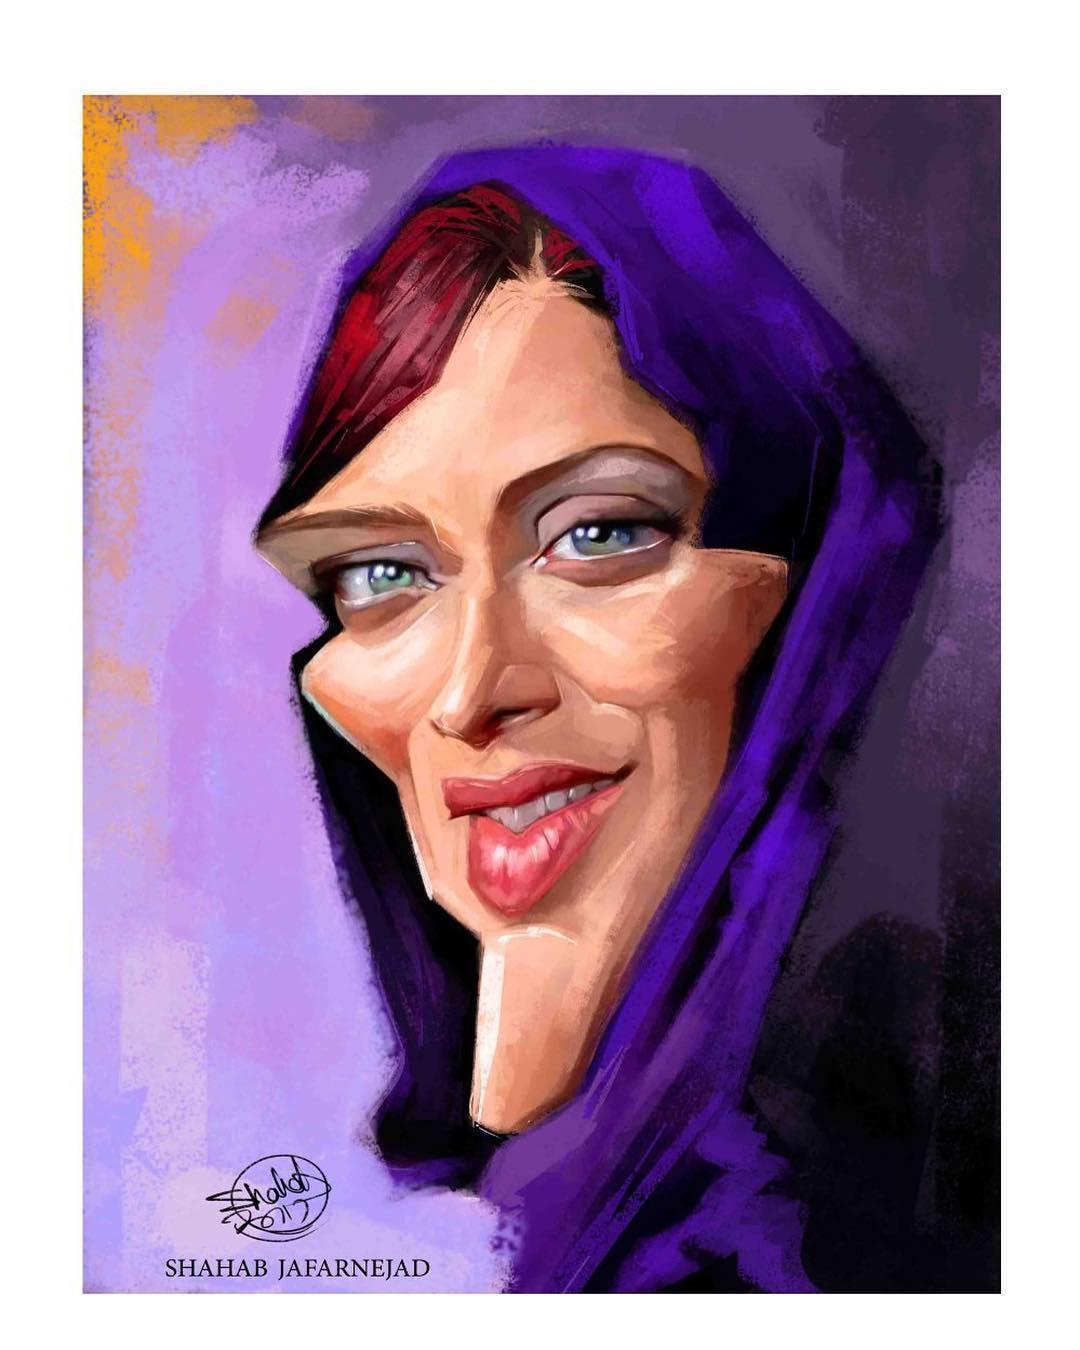 بازیگران سینما و تلویزیون ایران,مهتاب کرامتی,کاریکاتور